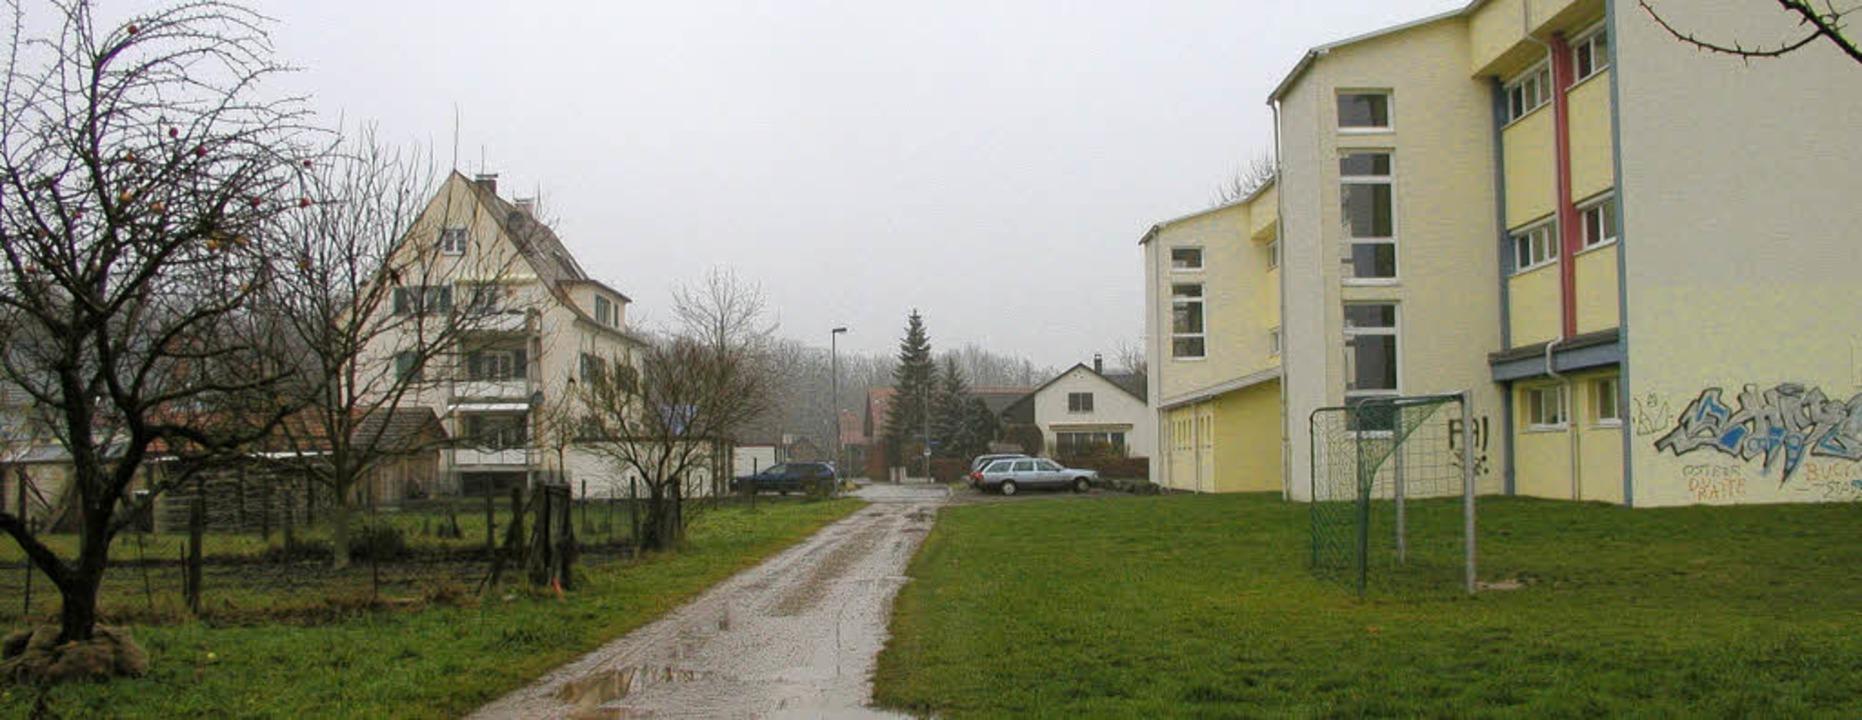 Für den neuen Kindergarten hinter der ... Gartengrundstücken (links) entstehen.  | Foto: Ilona Hüge